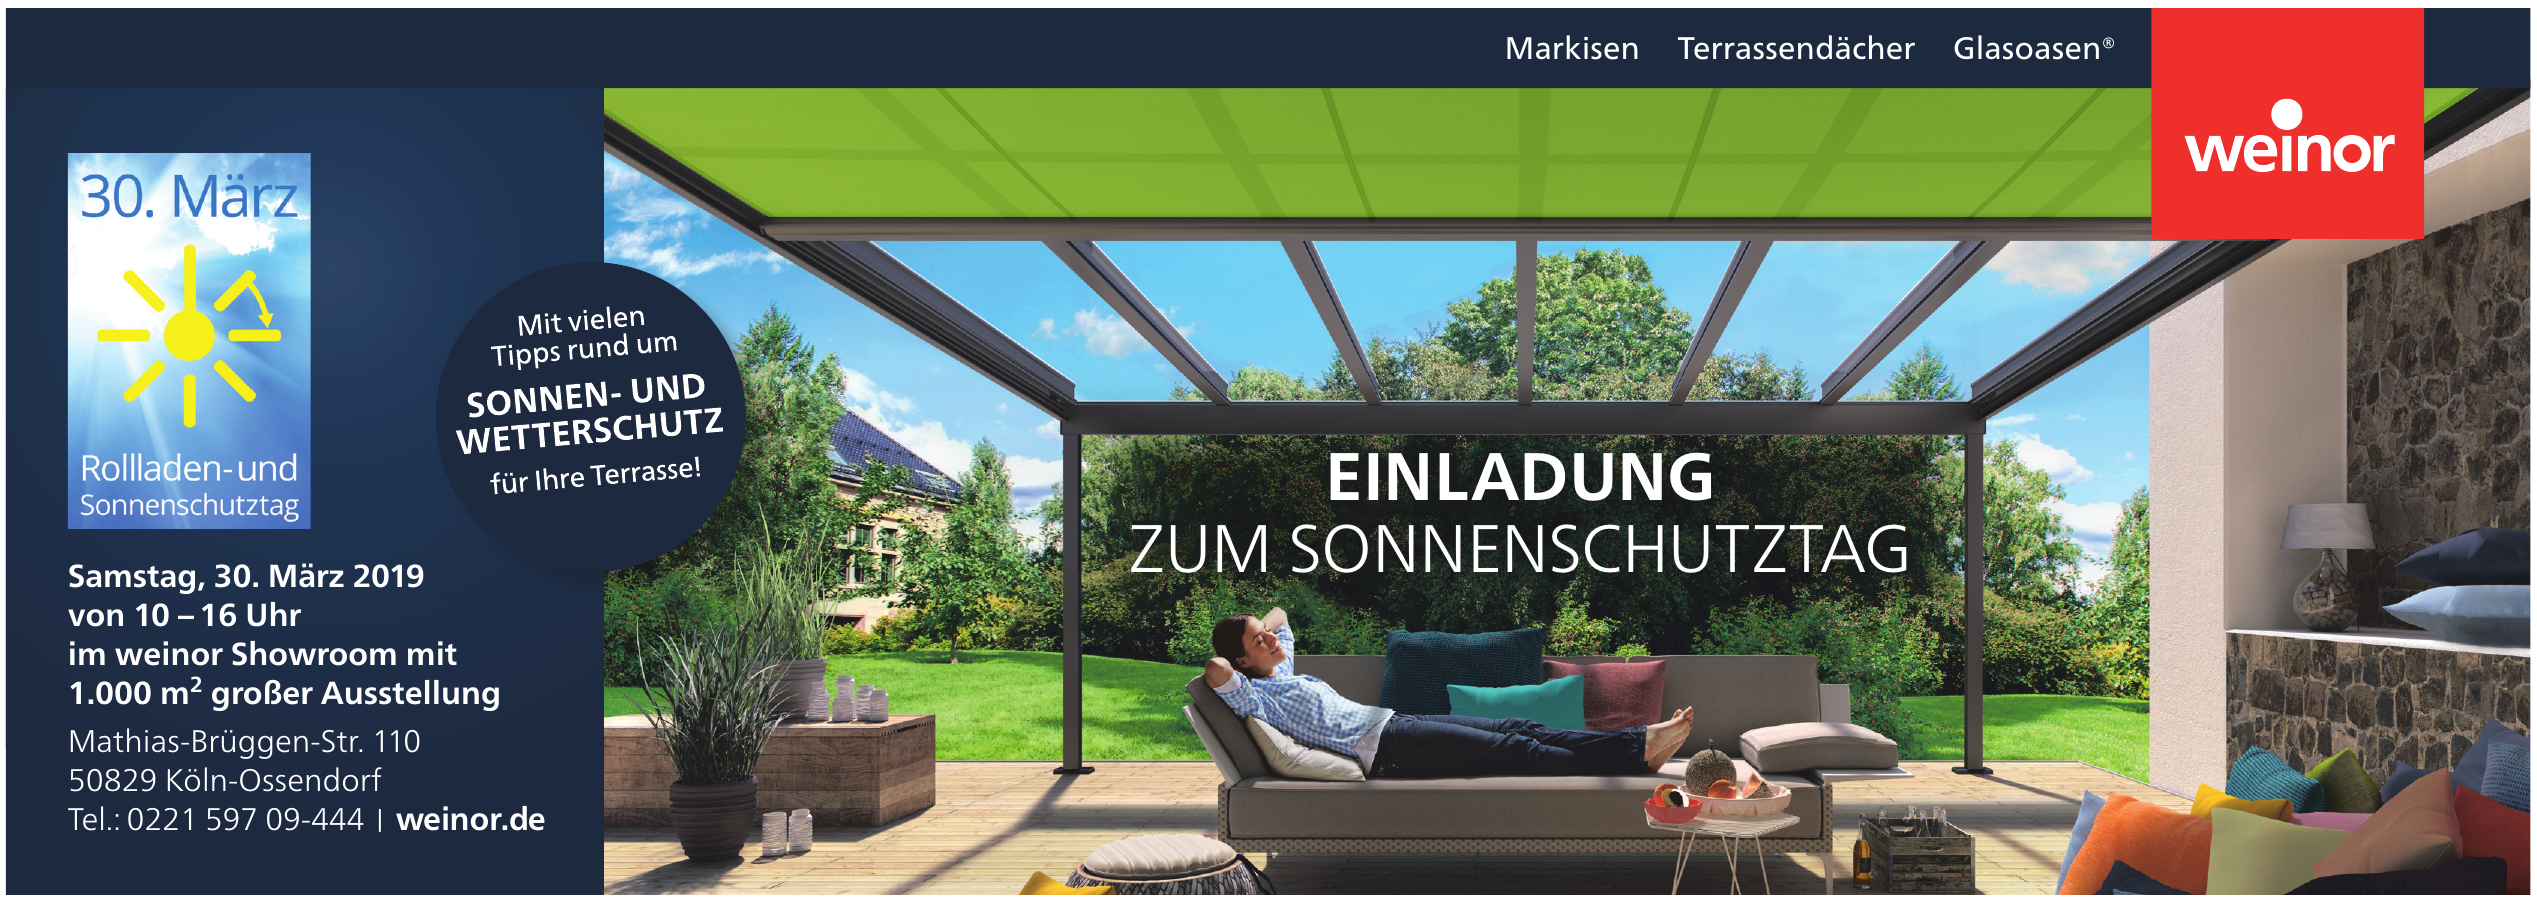 weinor GmbH & Co. KG